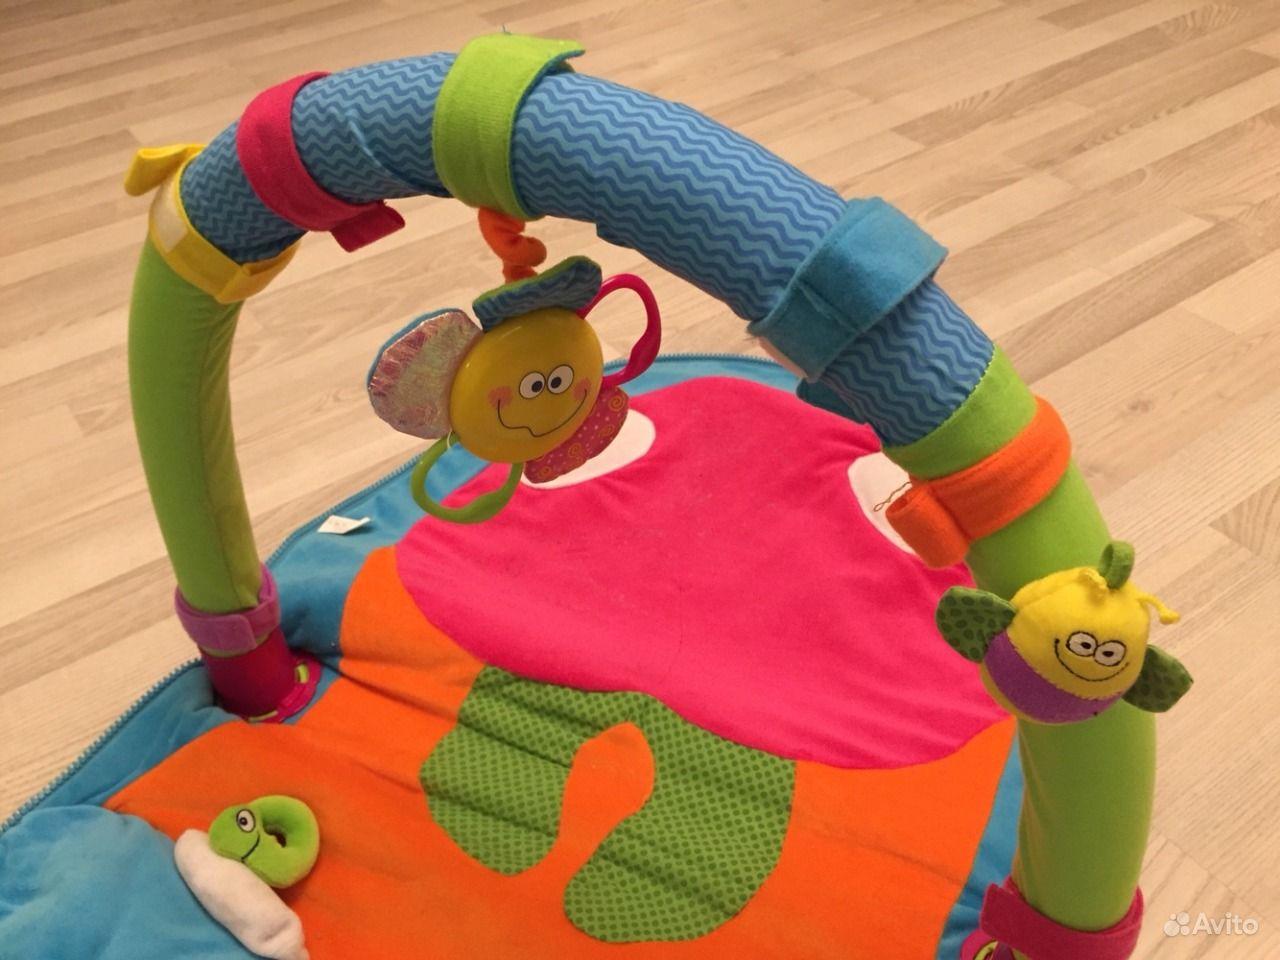 Развивающий коврик для детей своими руками (36 фото как) 2